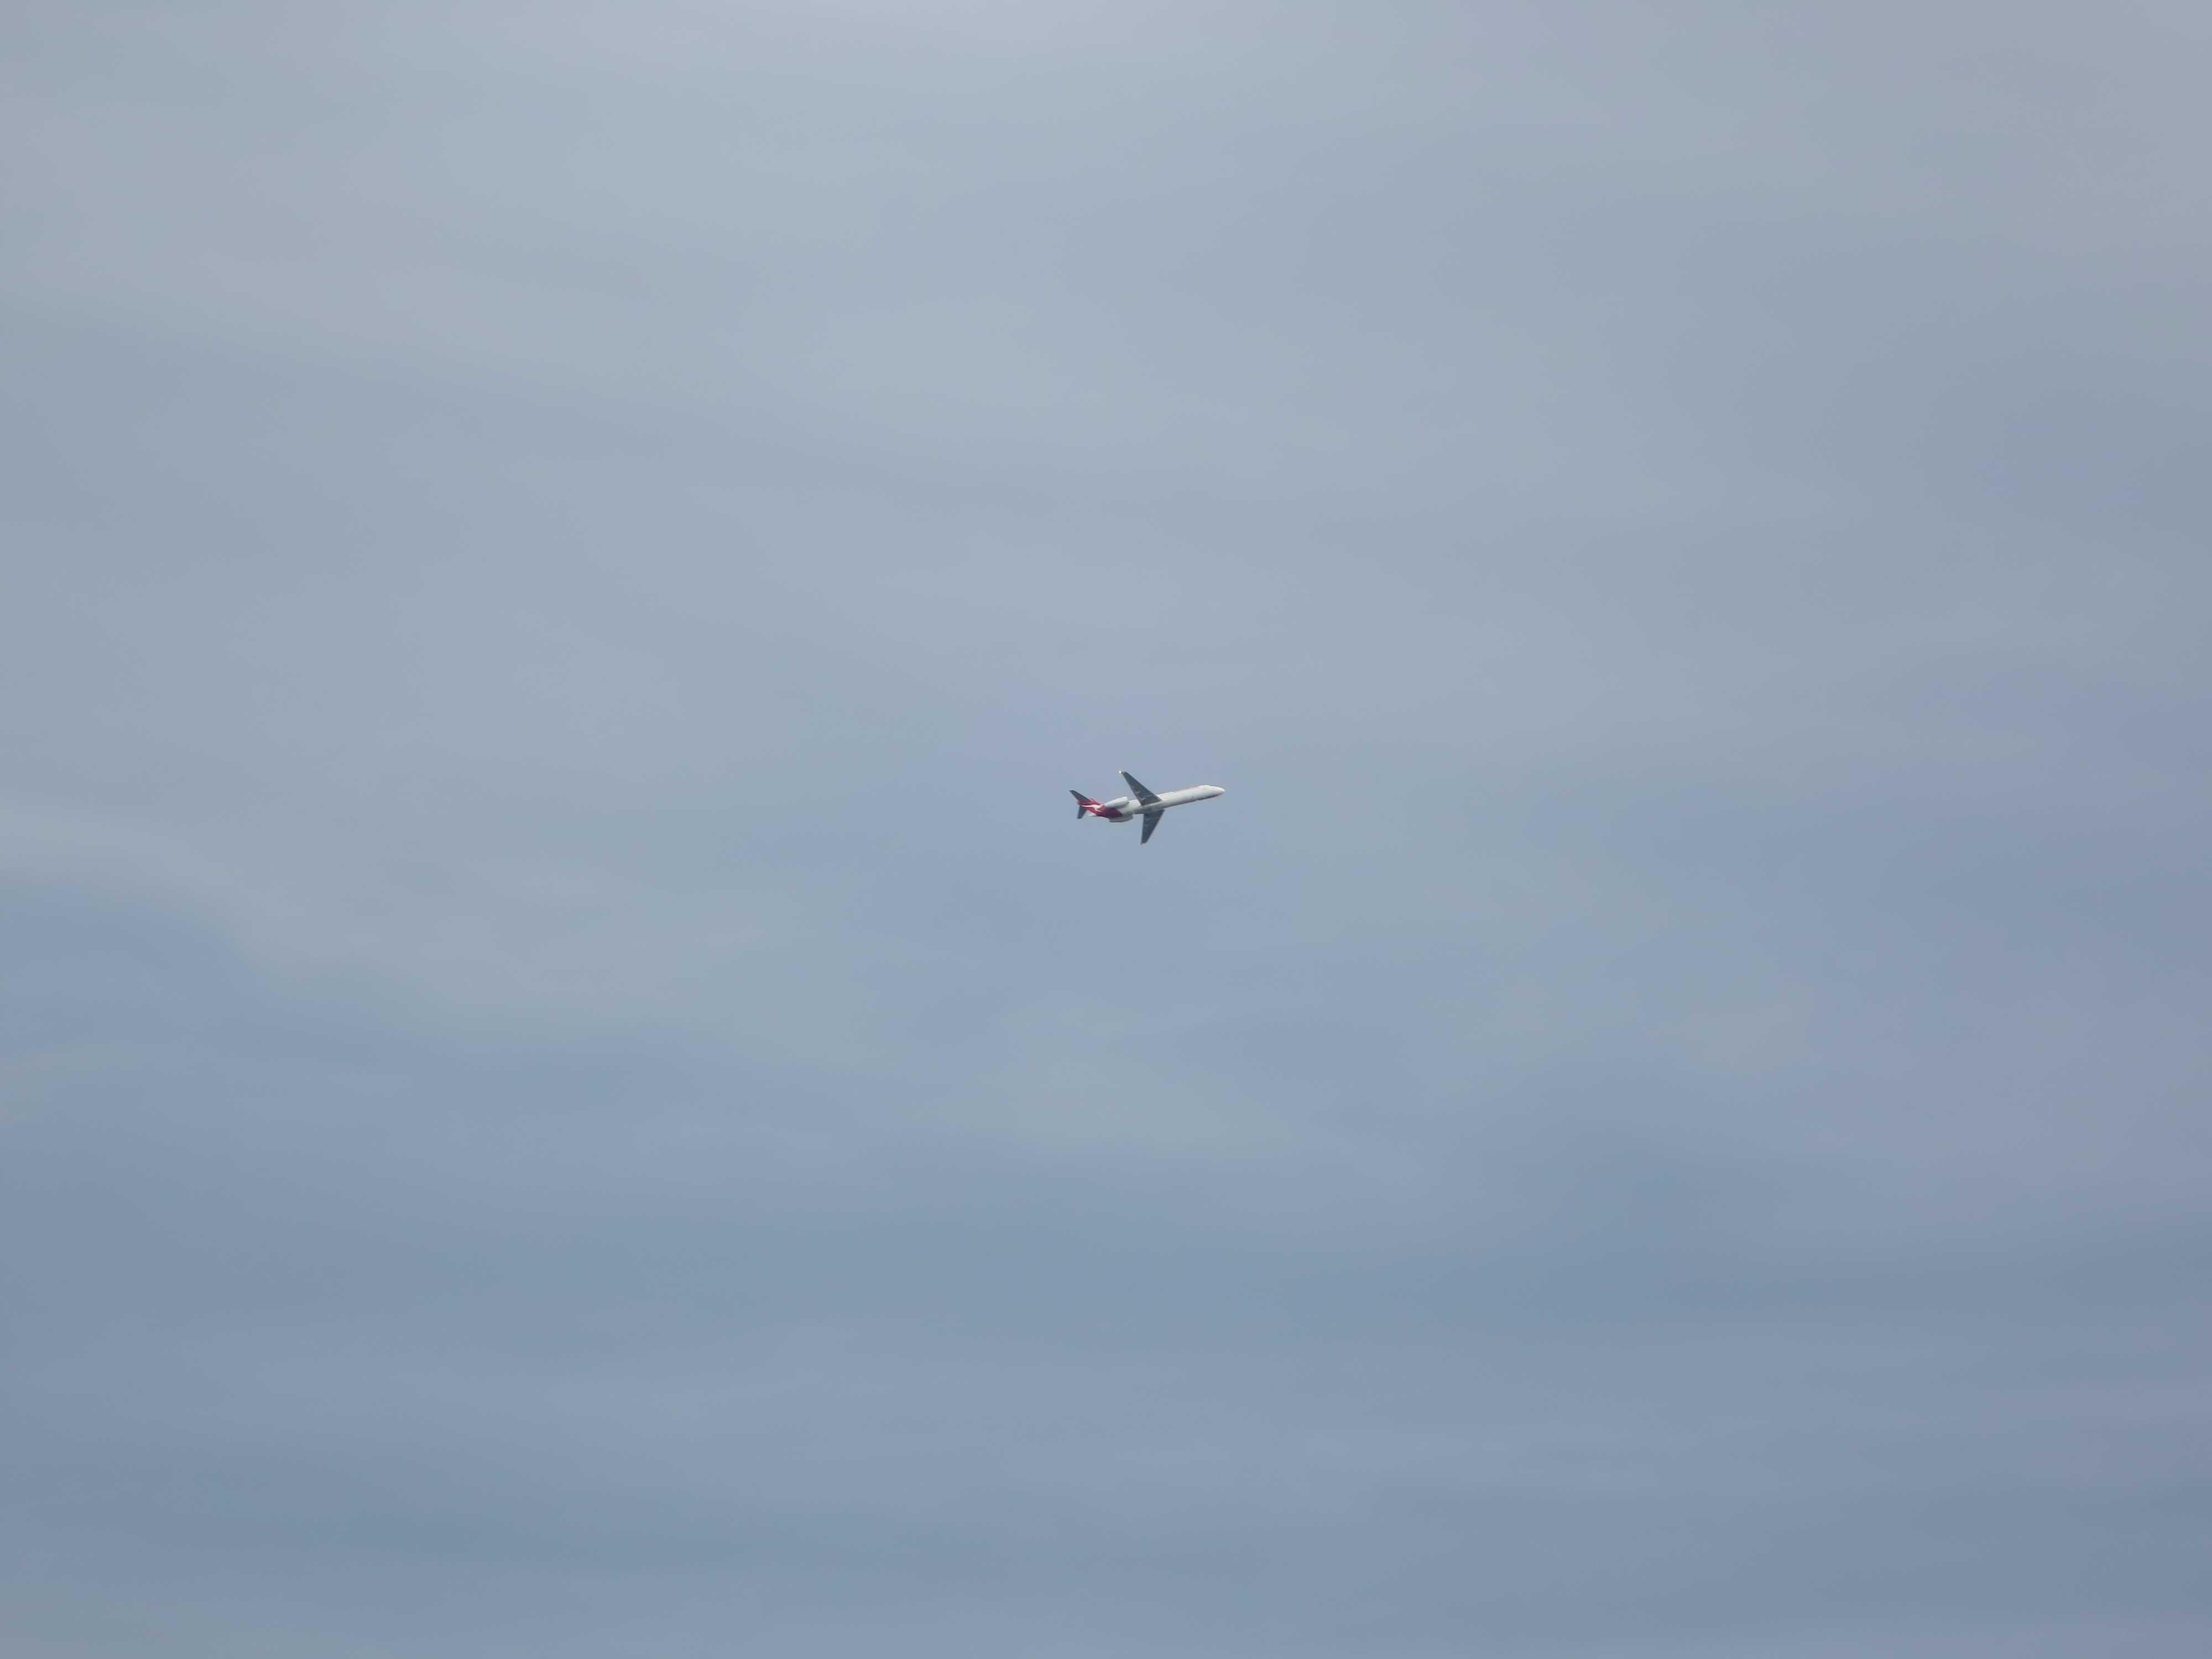 ケアンズ空港を飛び立った飛行機